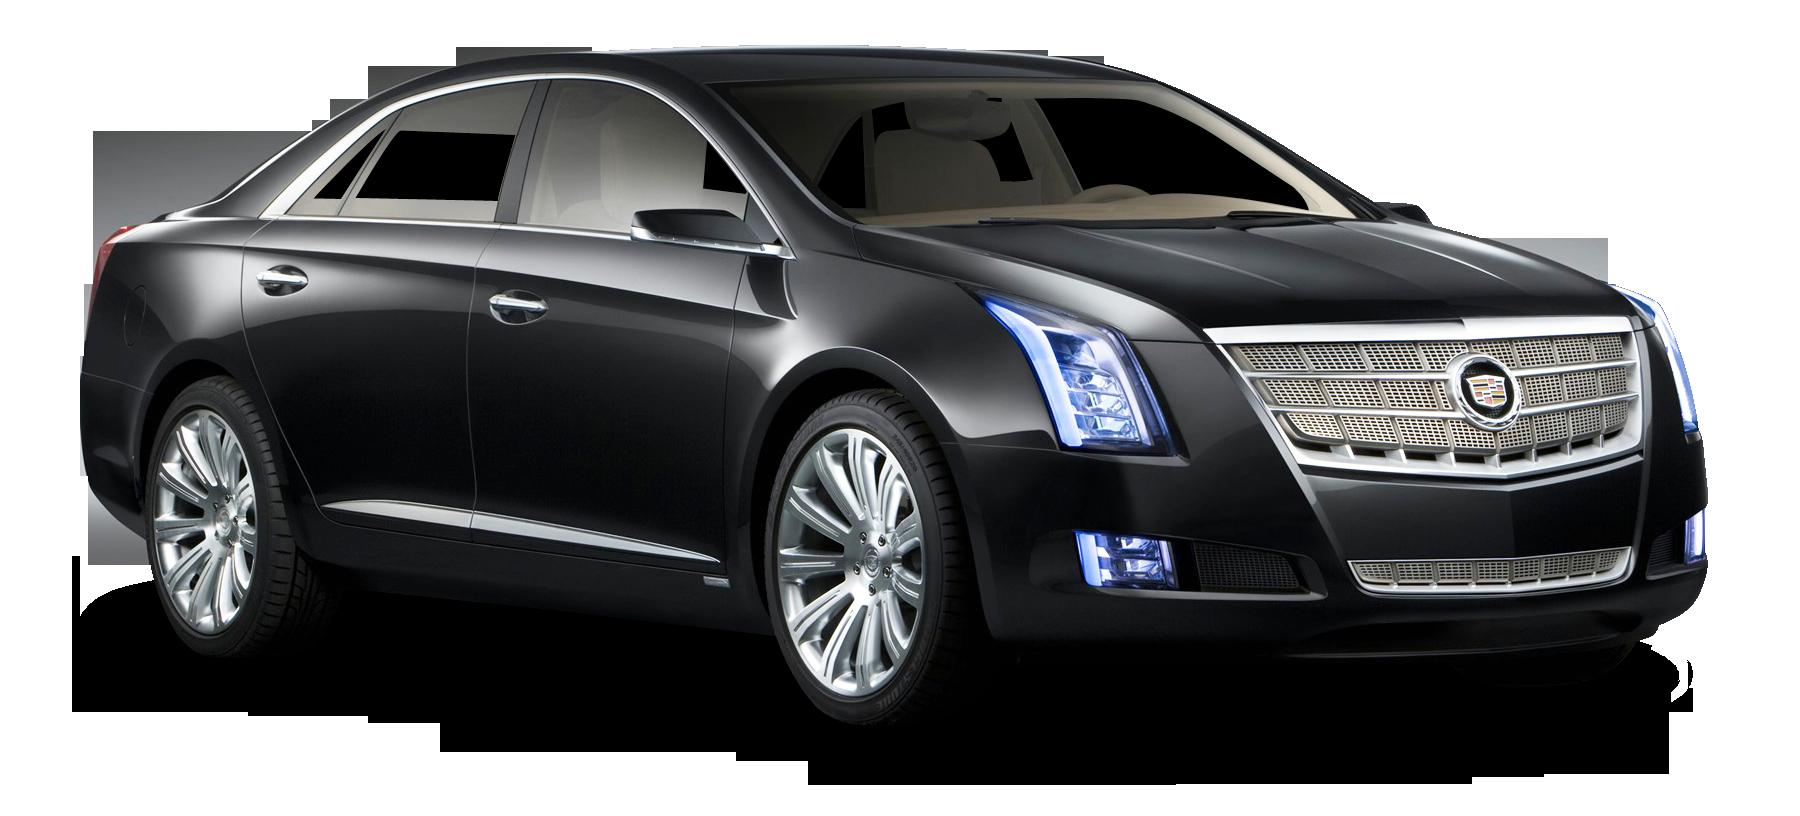 Cadillac XTS Platinum Car PNG Image